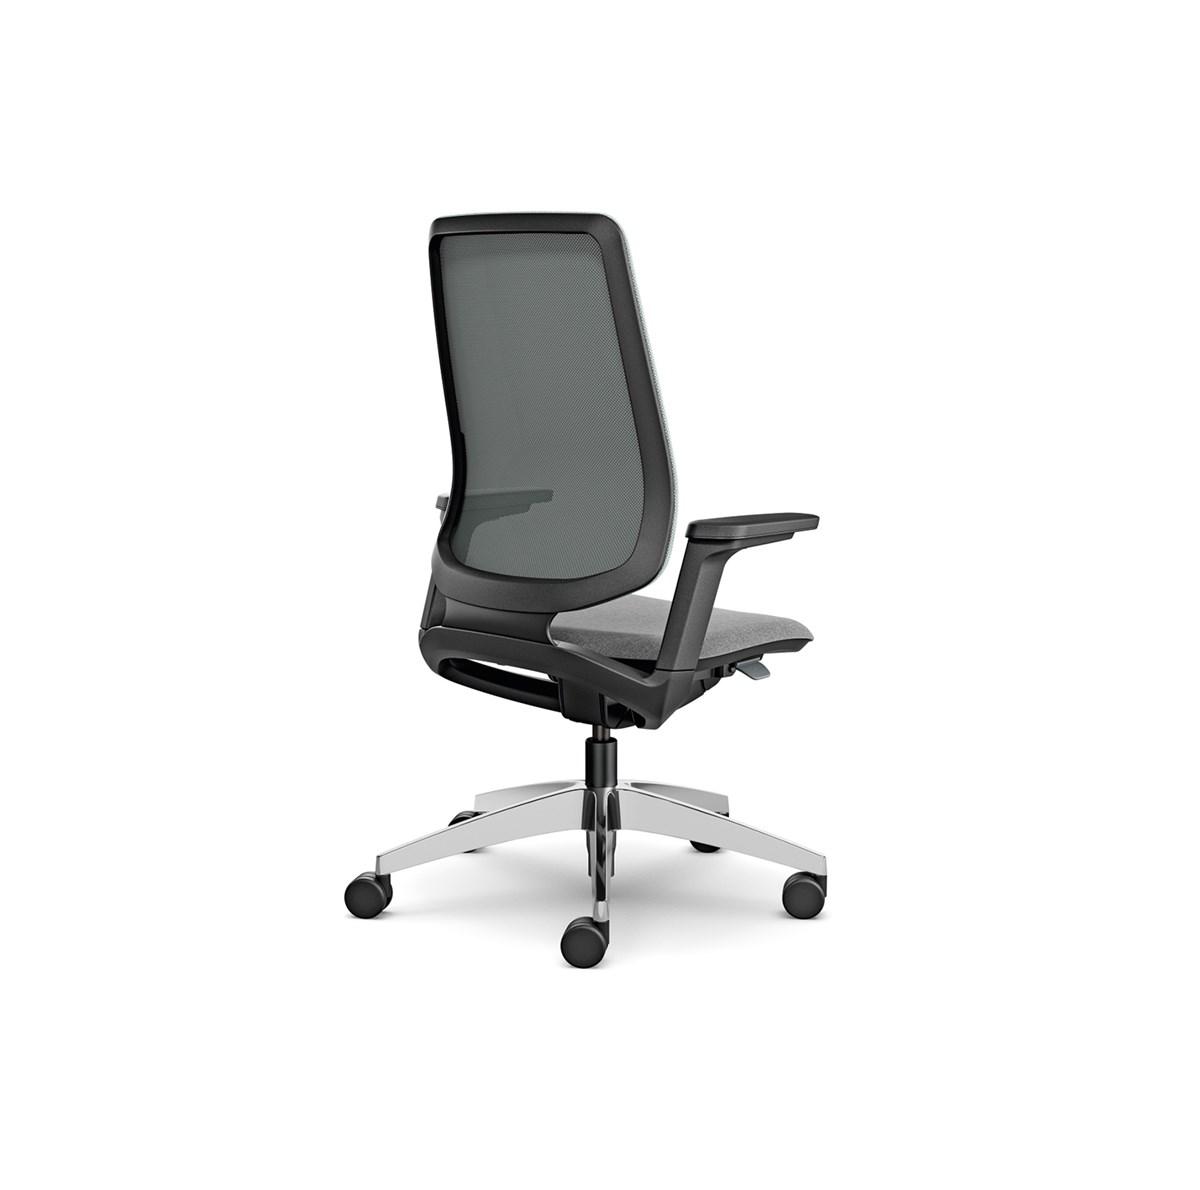 Sedus-Se:flex-Task-Chair-Matisse-2